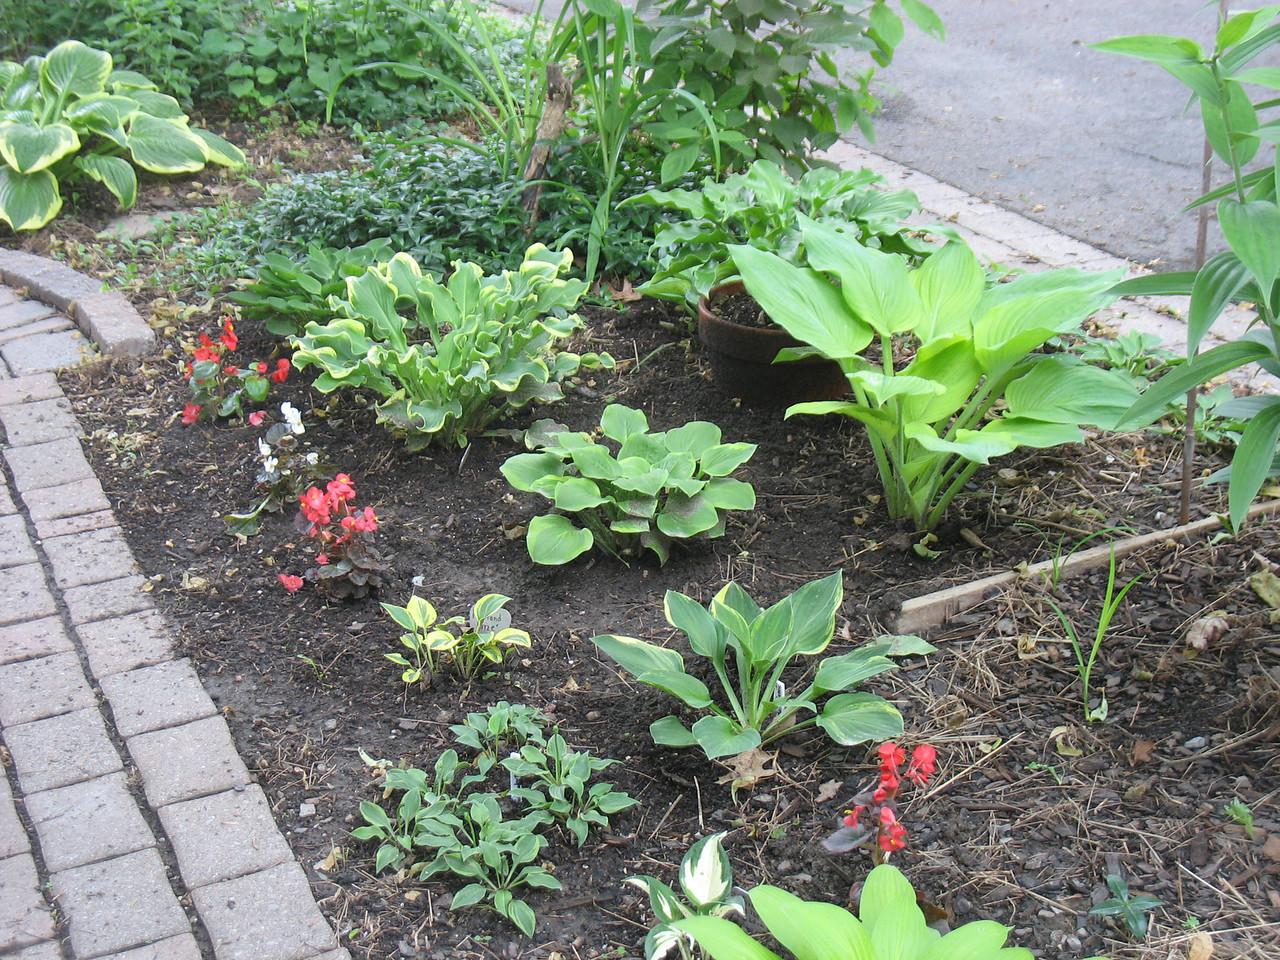 My newest garden, June 13, 2013